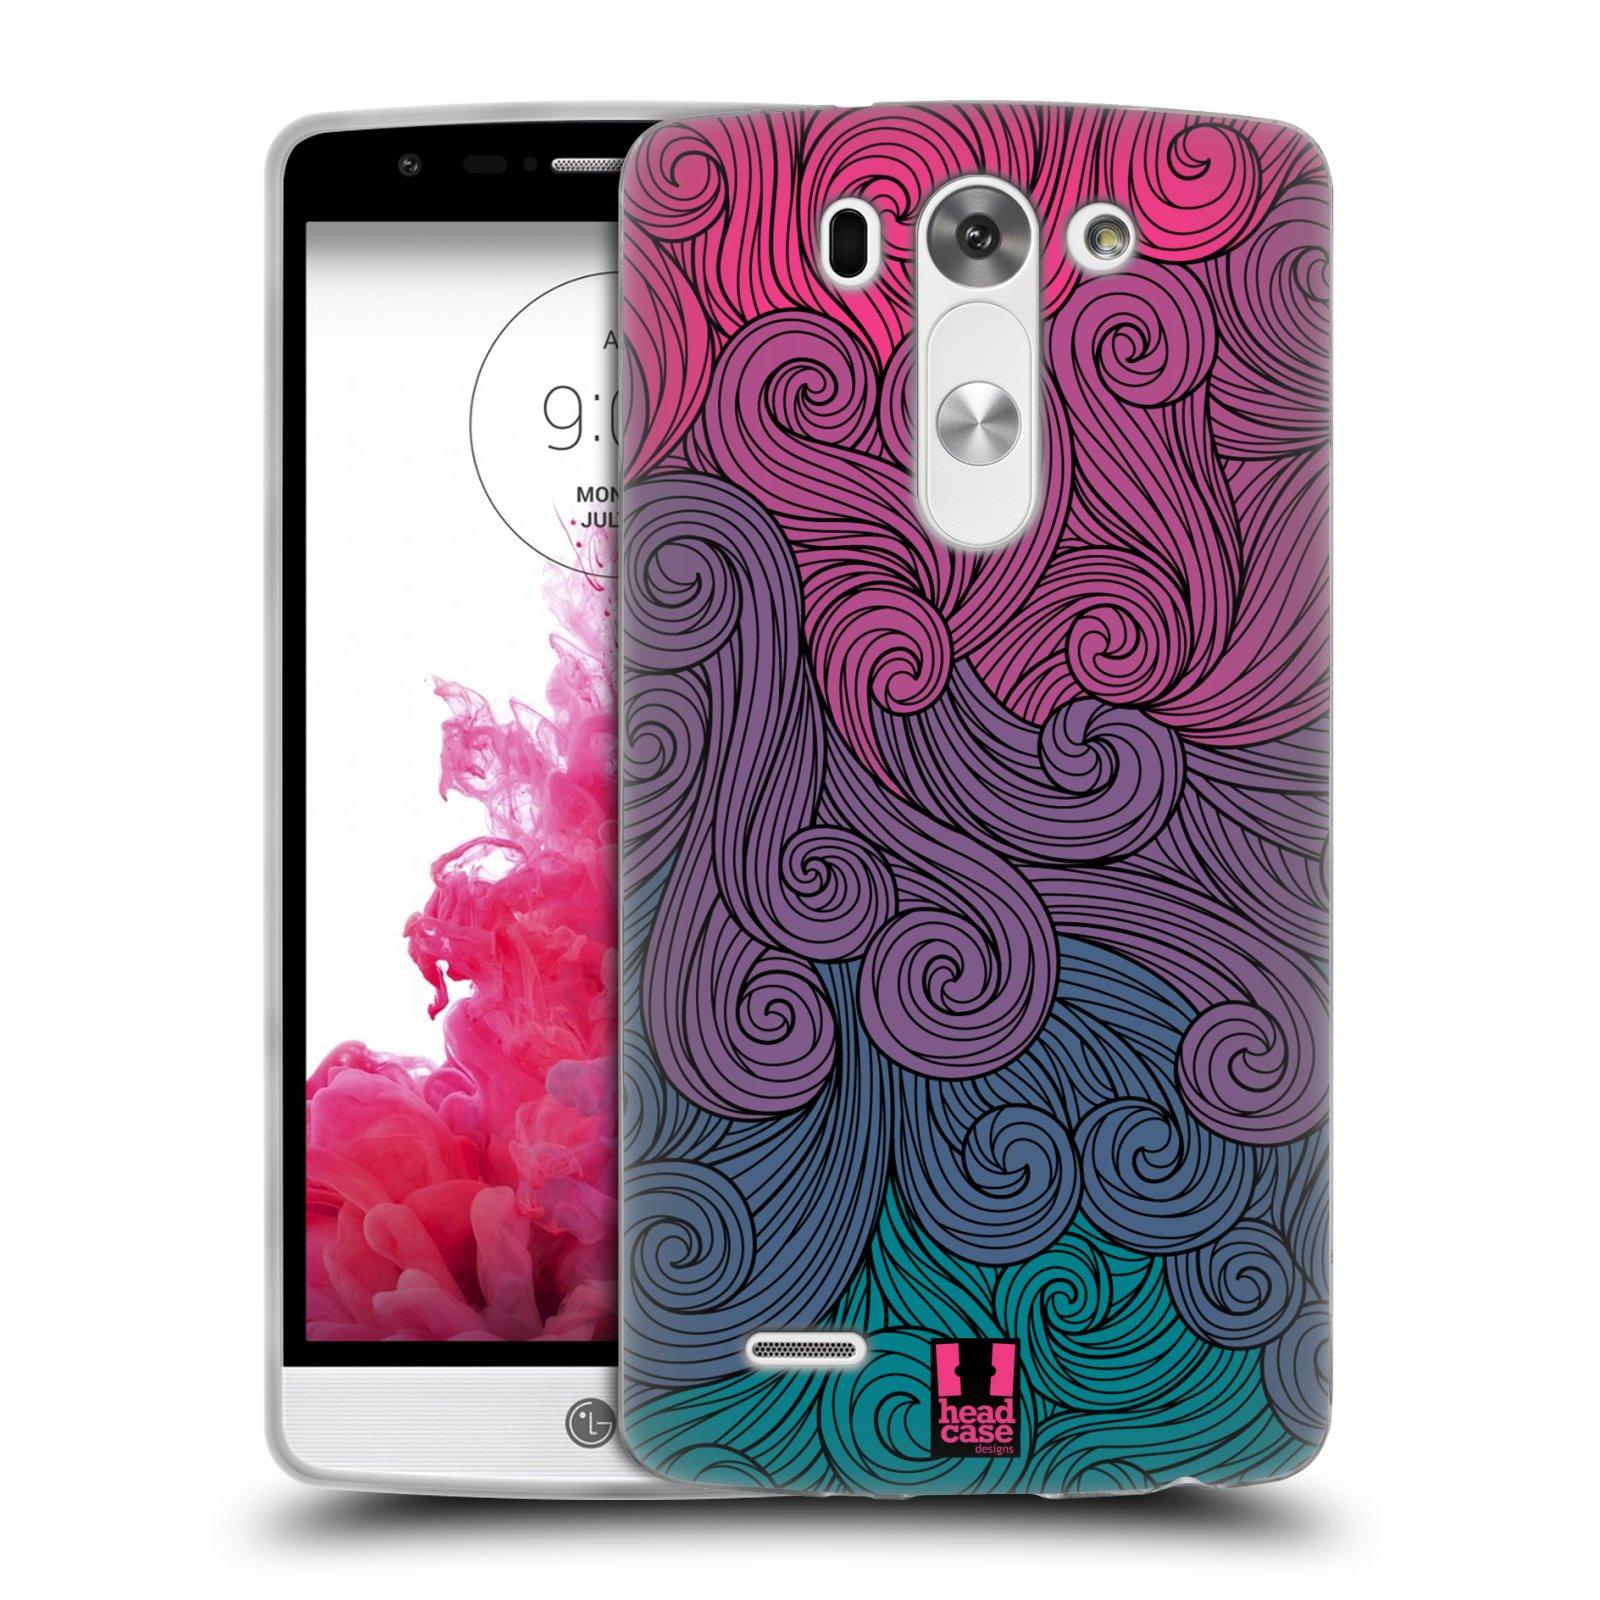 Silikonové pouzdro na mobil LG G3s HEAD CASE Swirls Hot Pink (Silikonový kryt či obal na mobilní telefon LG G3s)